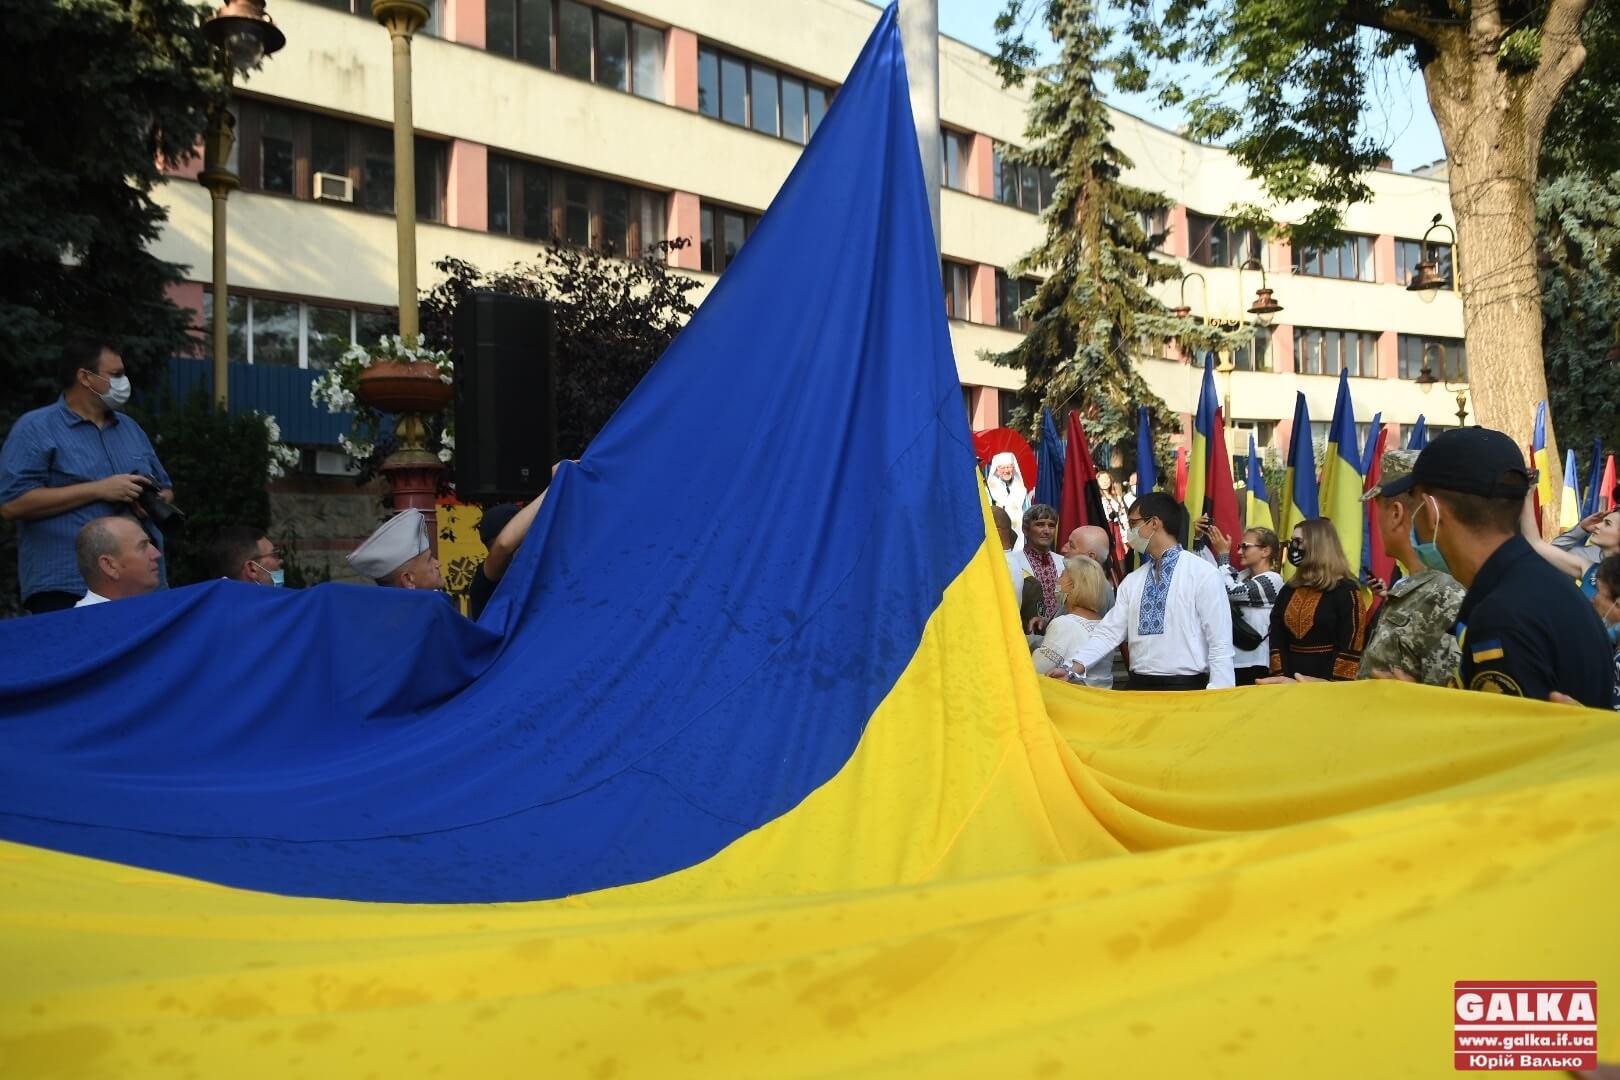 Над Івано-Франківськом урочисто підняли Державний прапор (ФОТО)